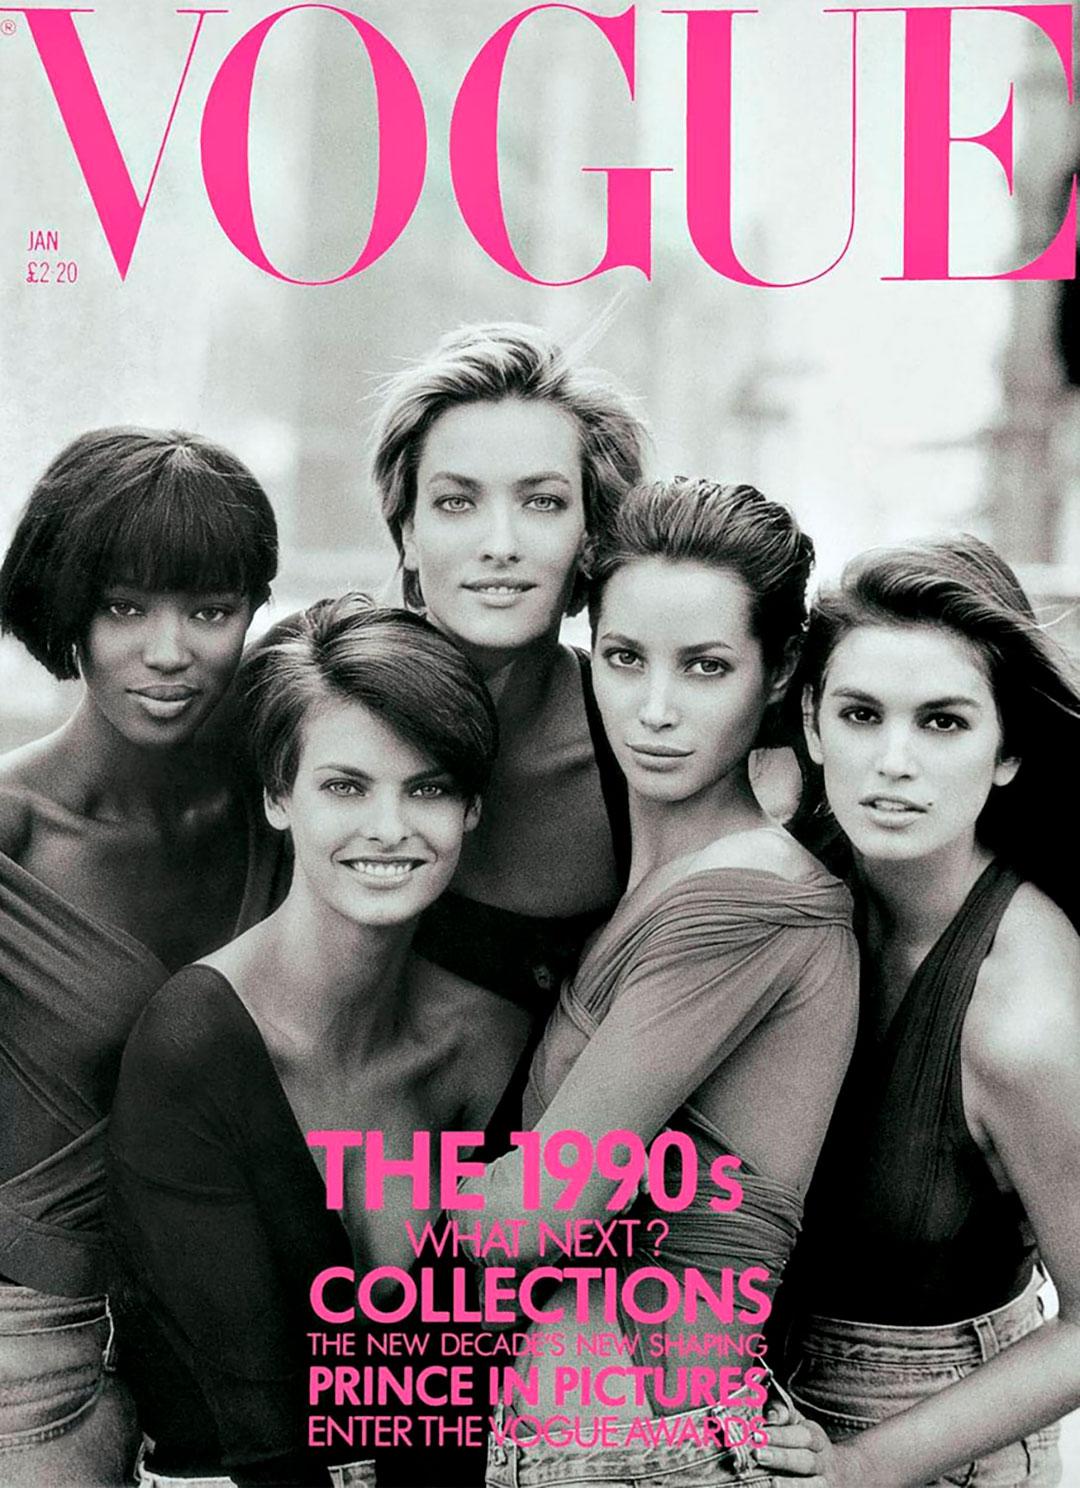 Cindy Crawford, Naomi Campbell, Tatjana Patitz, Christy Turlington y Linda Evangelista fueron las supermodelos de los 90 fotografiadas en enero de 1990 para la portada de Vogue UK bajo la lente de Peter Lindbergh